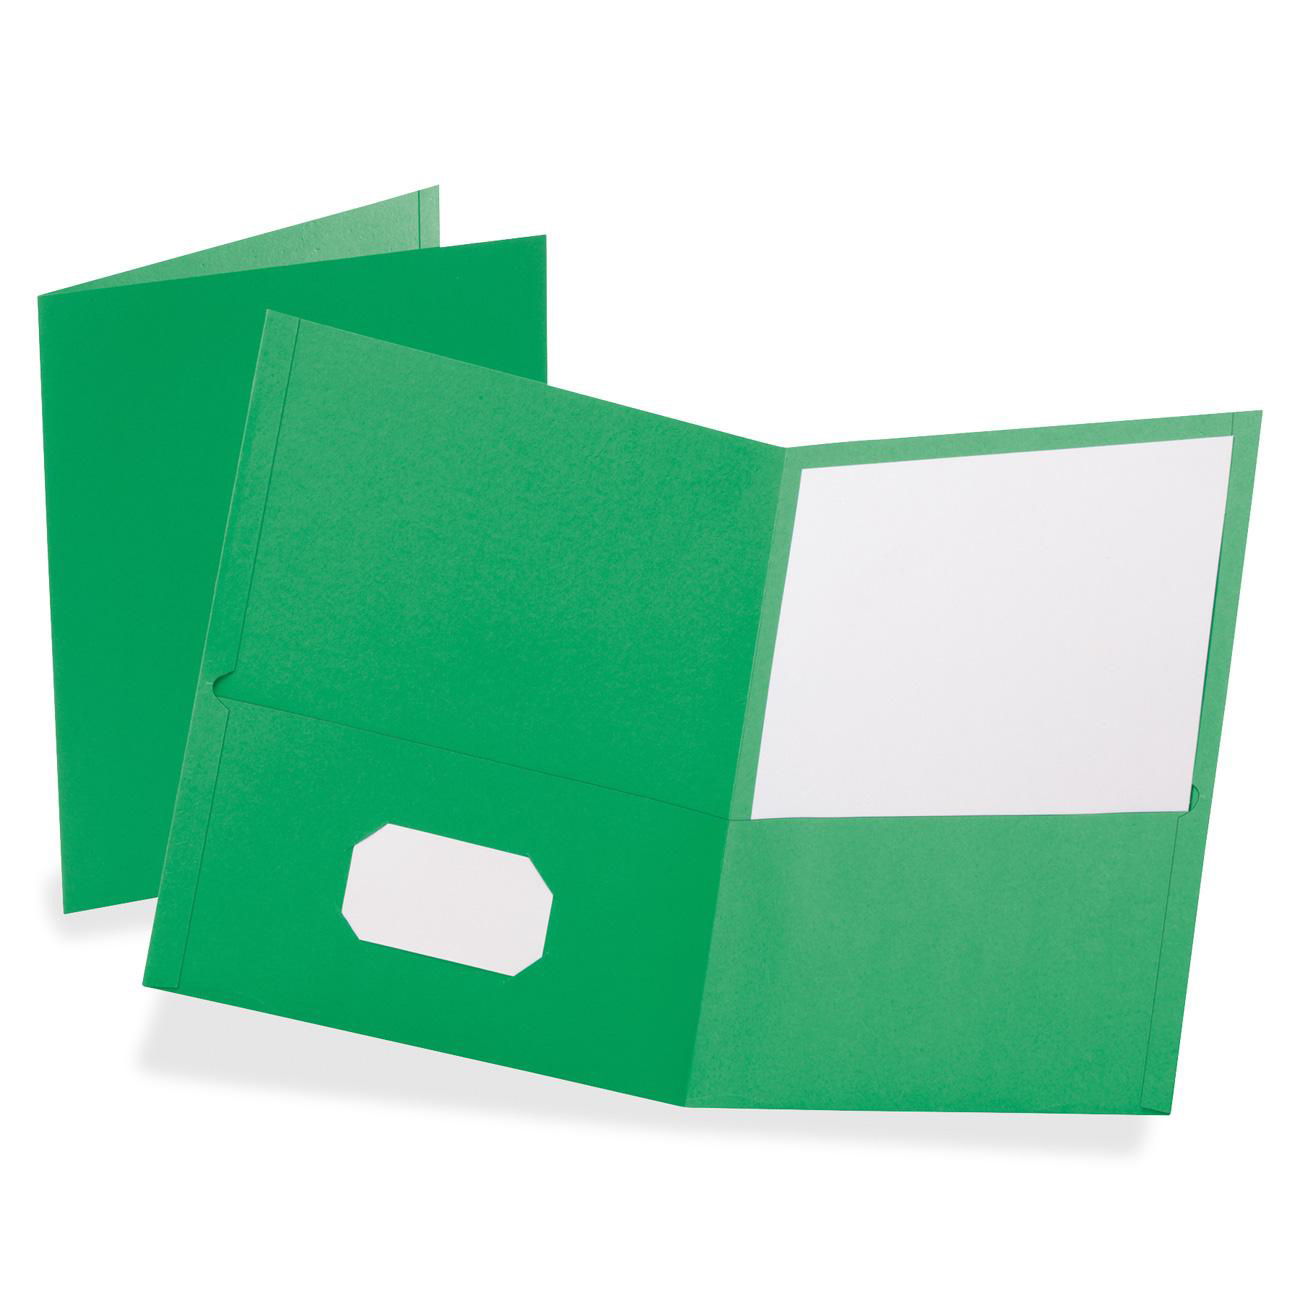 Oxford Twin Pocket Letter-size Folders - Walmart.com